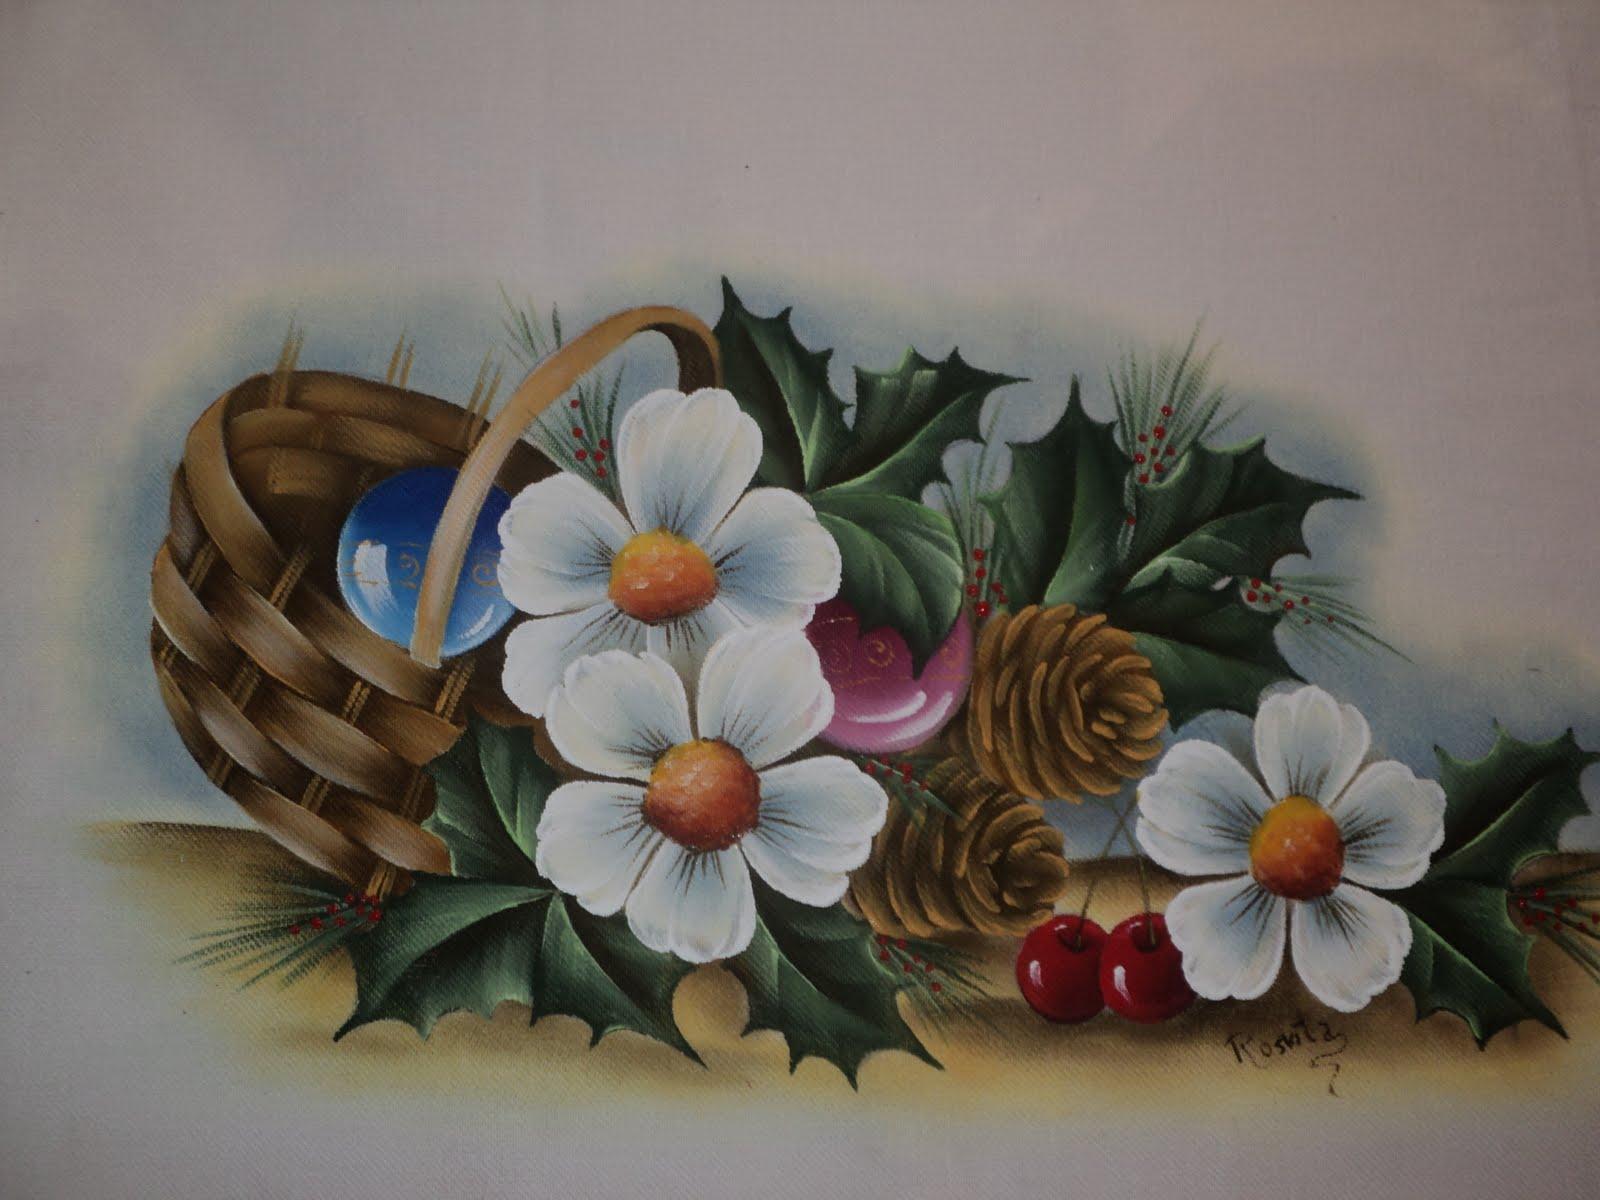 Mi baul del decoupage pintura en tela for Pintura para decoupage